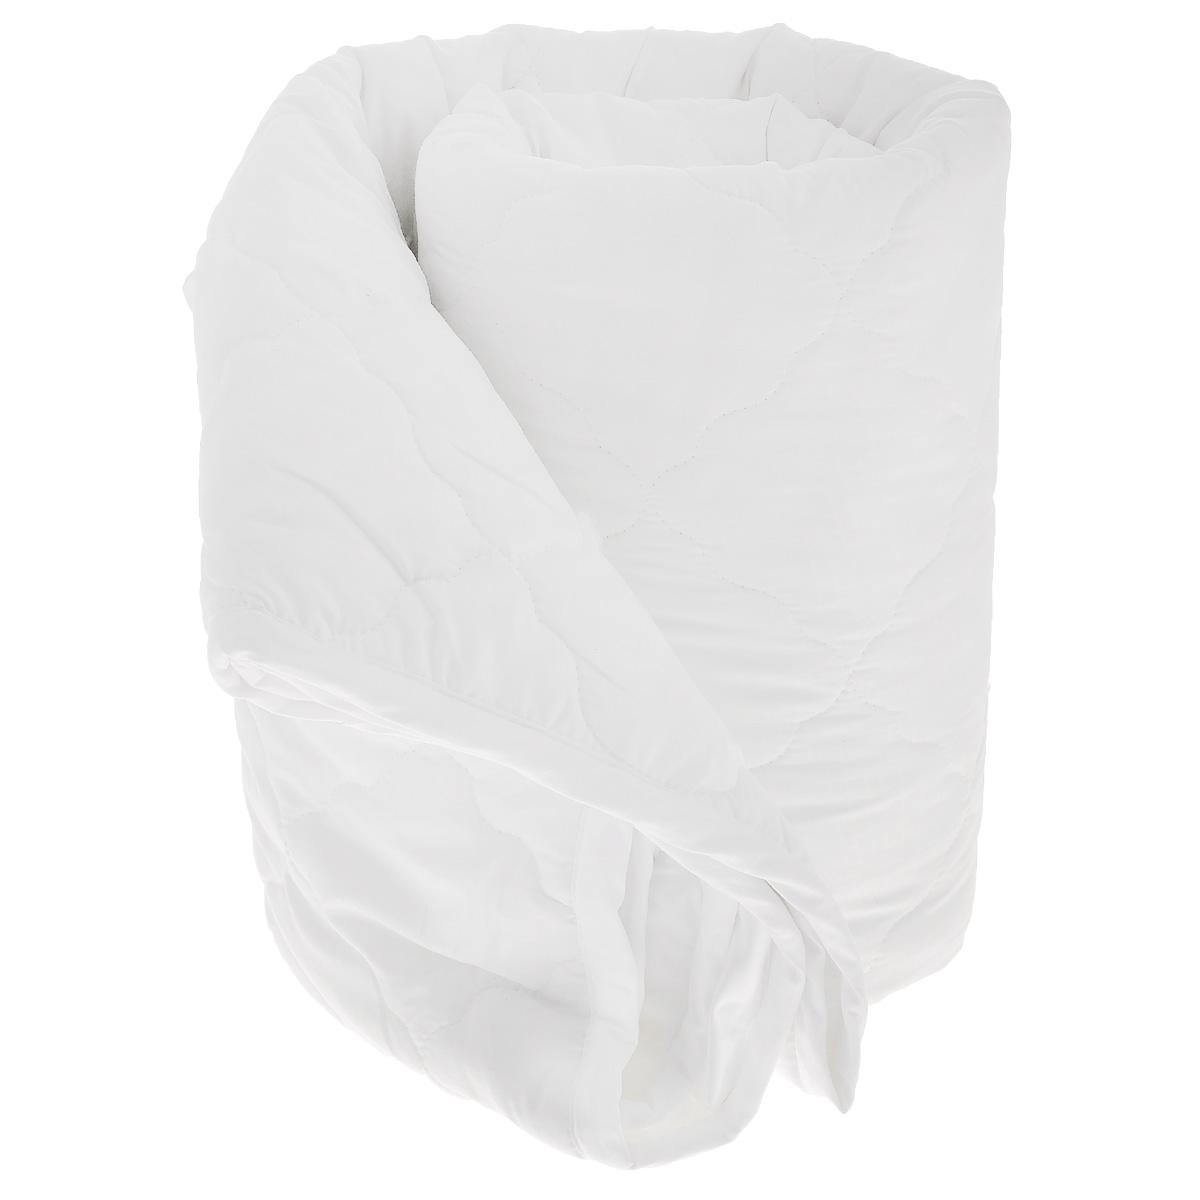 Одеяло La Prima В нежности микрофибры, наполнитель: полиэфирное волокно, 200 х 220 см860/0222945/100/1942Одеяло La Prima В нежности микрофибры очень легкое, воздушное и одновременно теплое. Идеально подойдет тем, кто ценит мягкость и тепло. Такое изделие подарит комфортный сон. Благодаря особой структуре микроволокна, изделие приобретают дополнительную мягкость и надолго сохраняют свой первоначальный вид. Чехол одеяла выполнен из шелковистой микрофибры, оформленной изящным фактурным теснением. Наполнитель - полиэфирное волокно - холлотек. Изделие обладает высокой воздухопроницаемостью, прекрасно сохраняет тепло. Оно гипоаллергенно и очень практично и неприхотливо в уходе. Ручная стирка при температуре 30°С. Материал чехла: 100% полиэстер - микрофибра.Наполнитель: полиэфирное волокно - холлотек.Уважаемые клиенты!Обращаем ваше внимание на цветовой ассортимент товара. Поставка осуществляется в зависимости от наличия на складе.